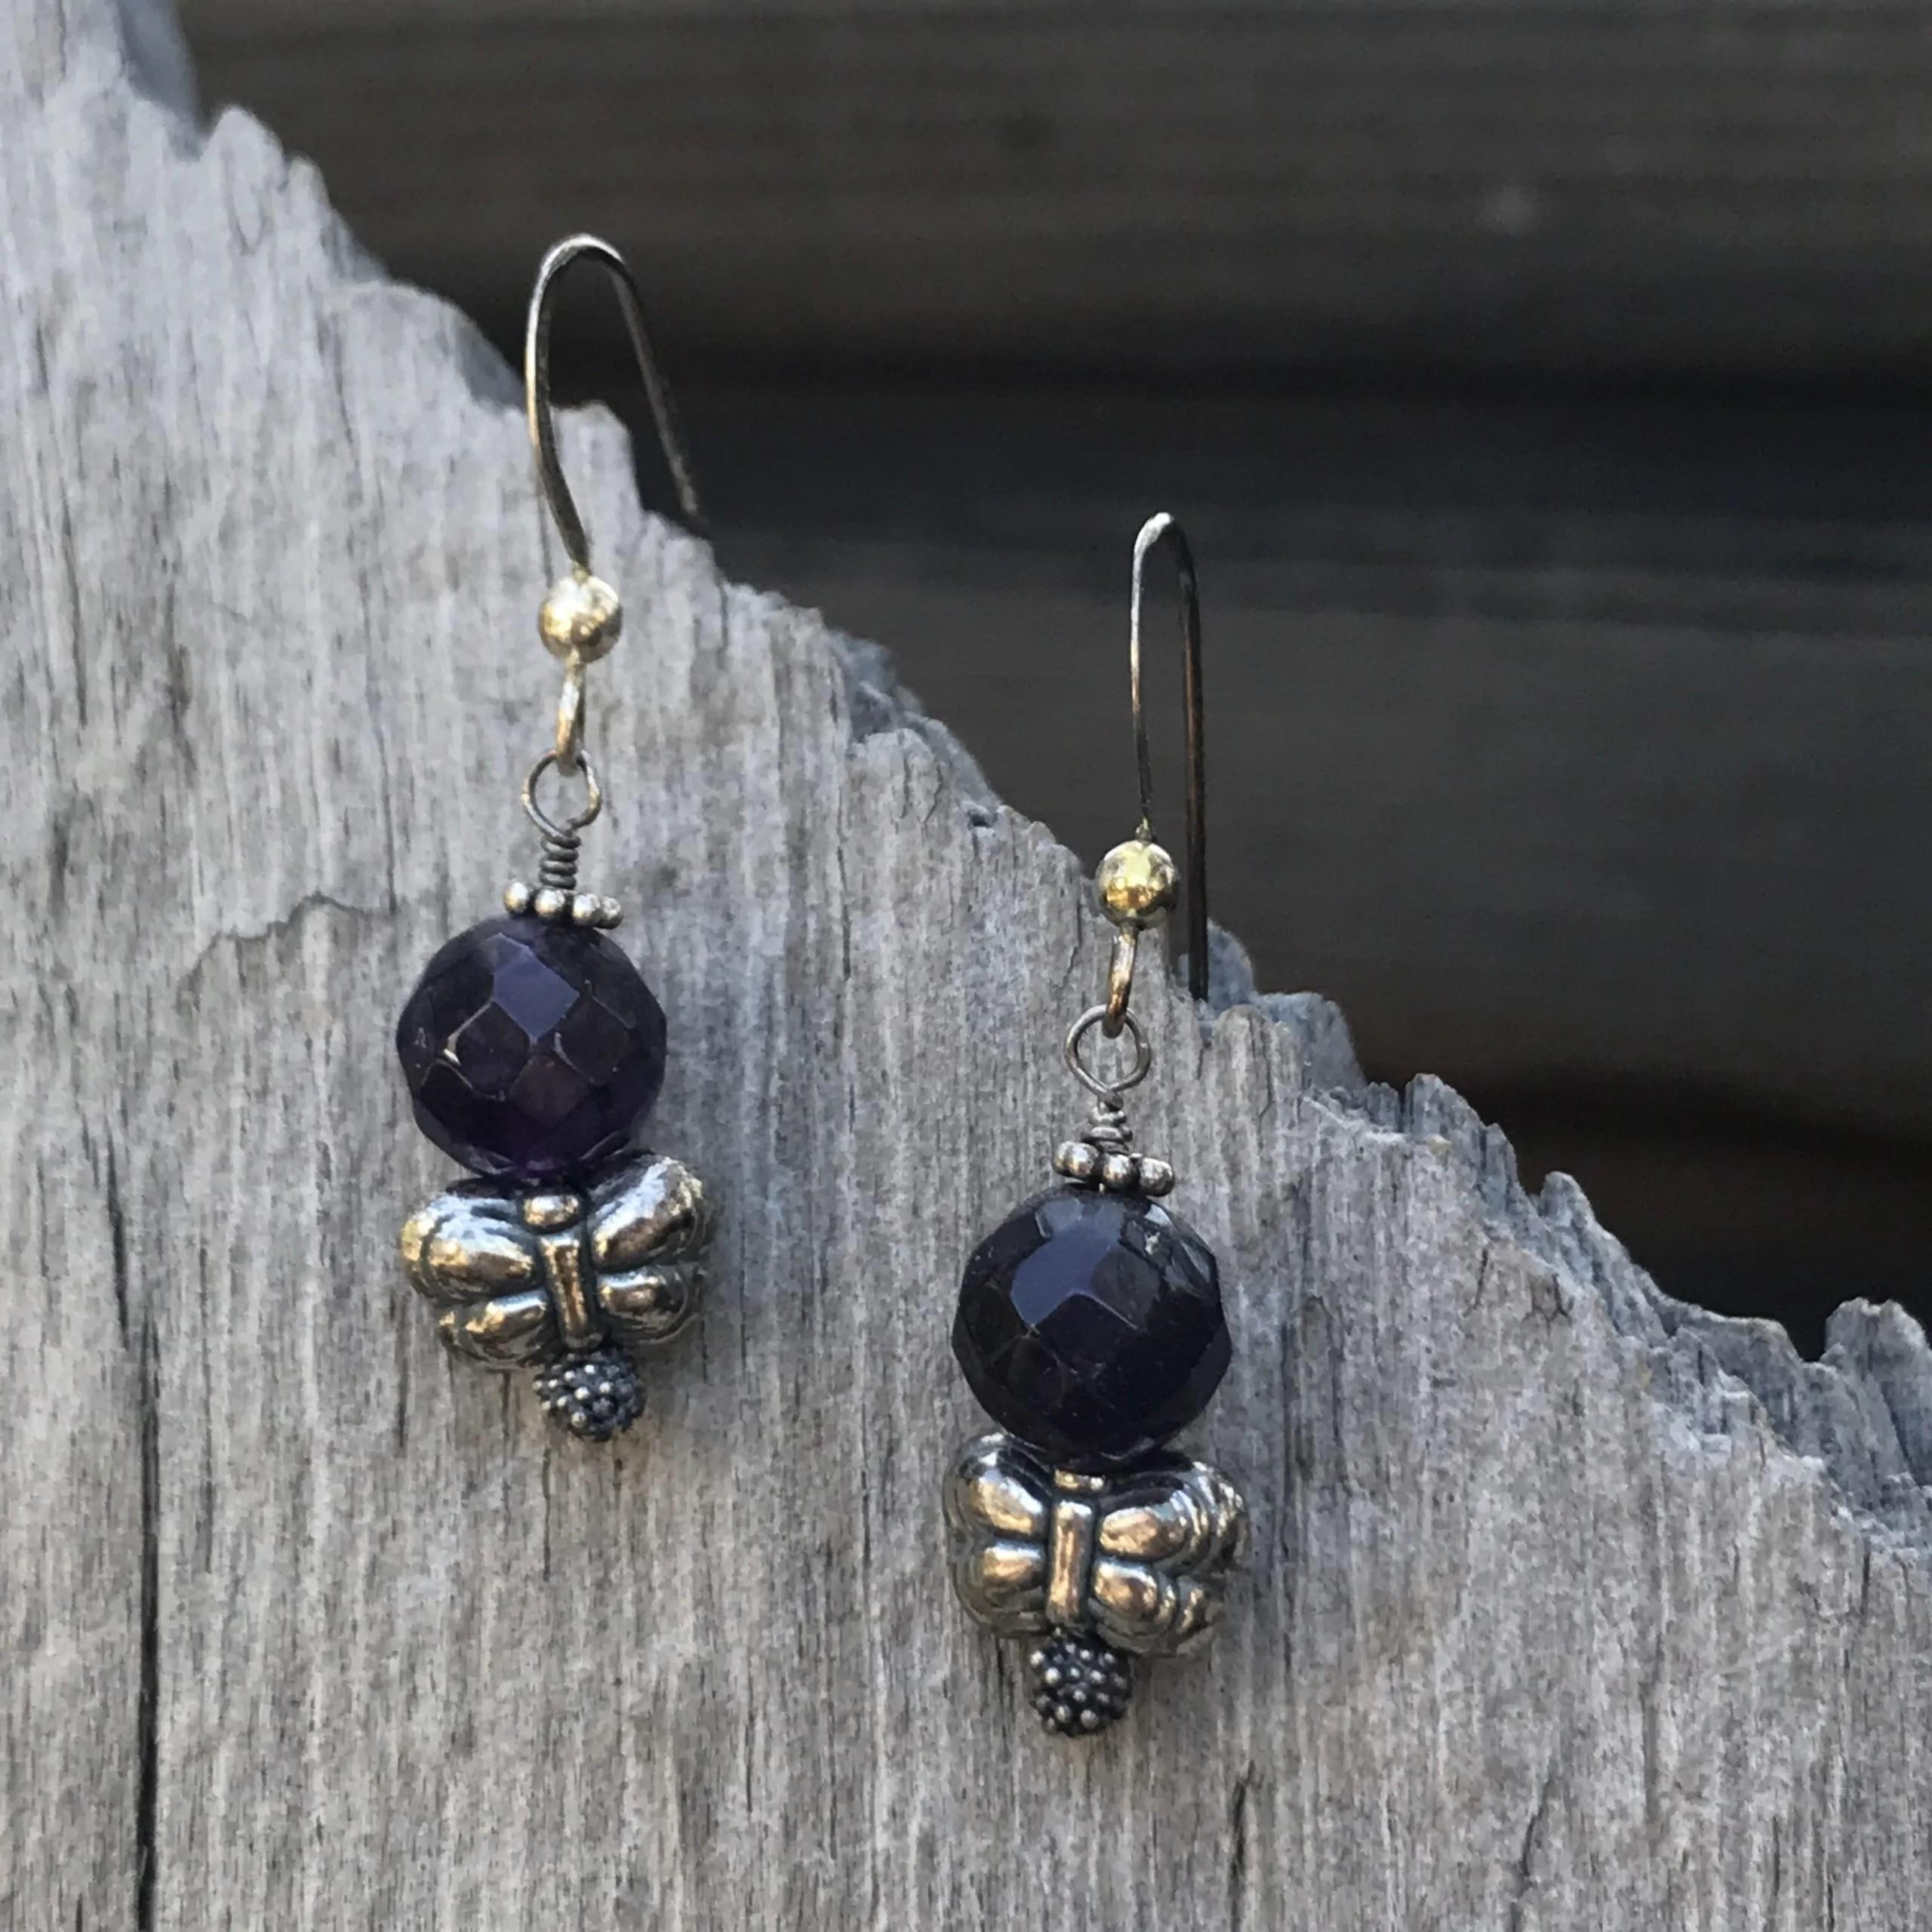 Amethyst and Butterfly Earrings